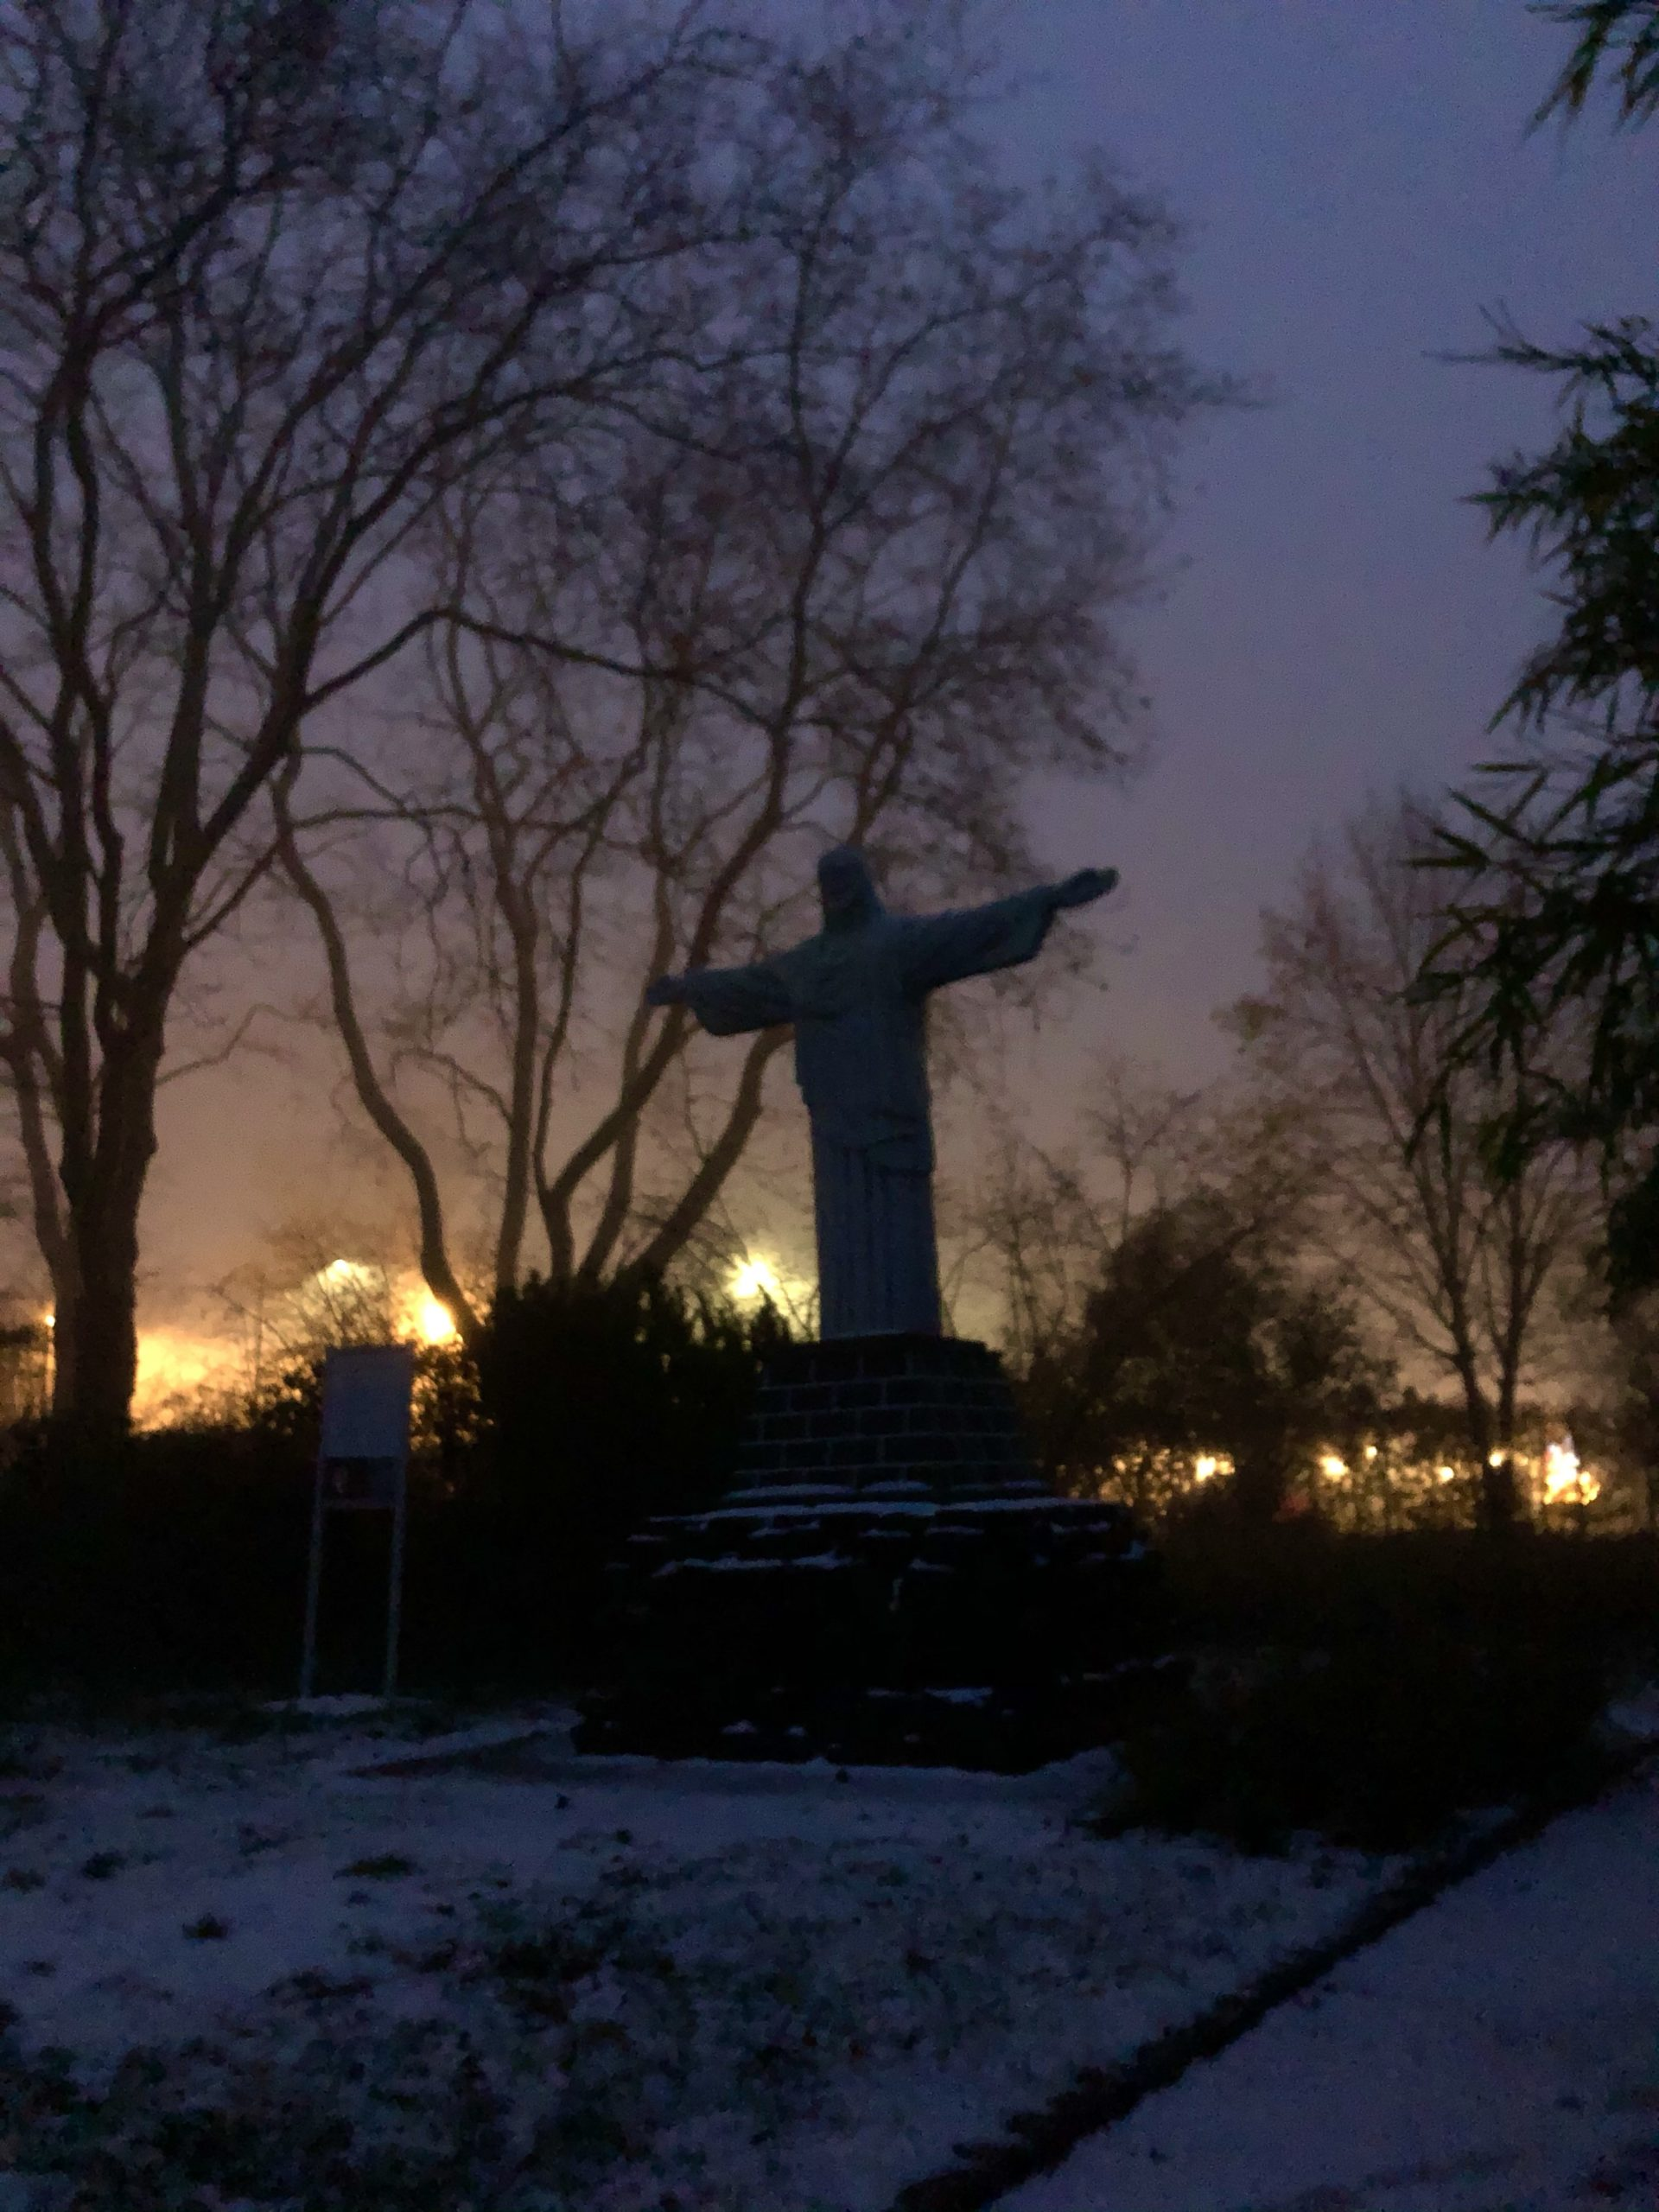 Christus Statue mit Licht im Hintergrund